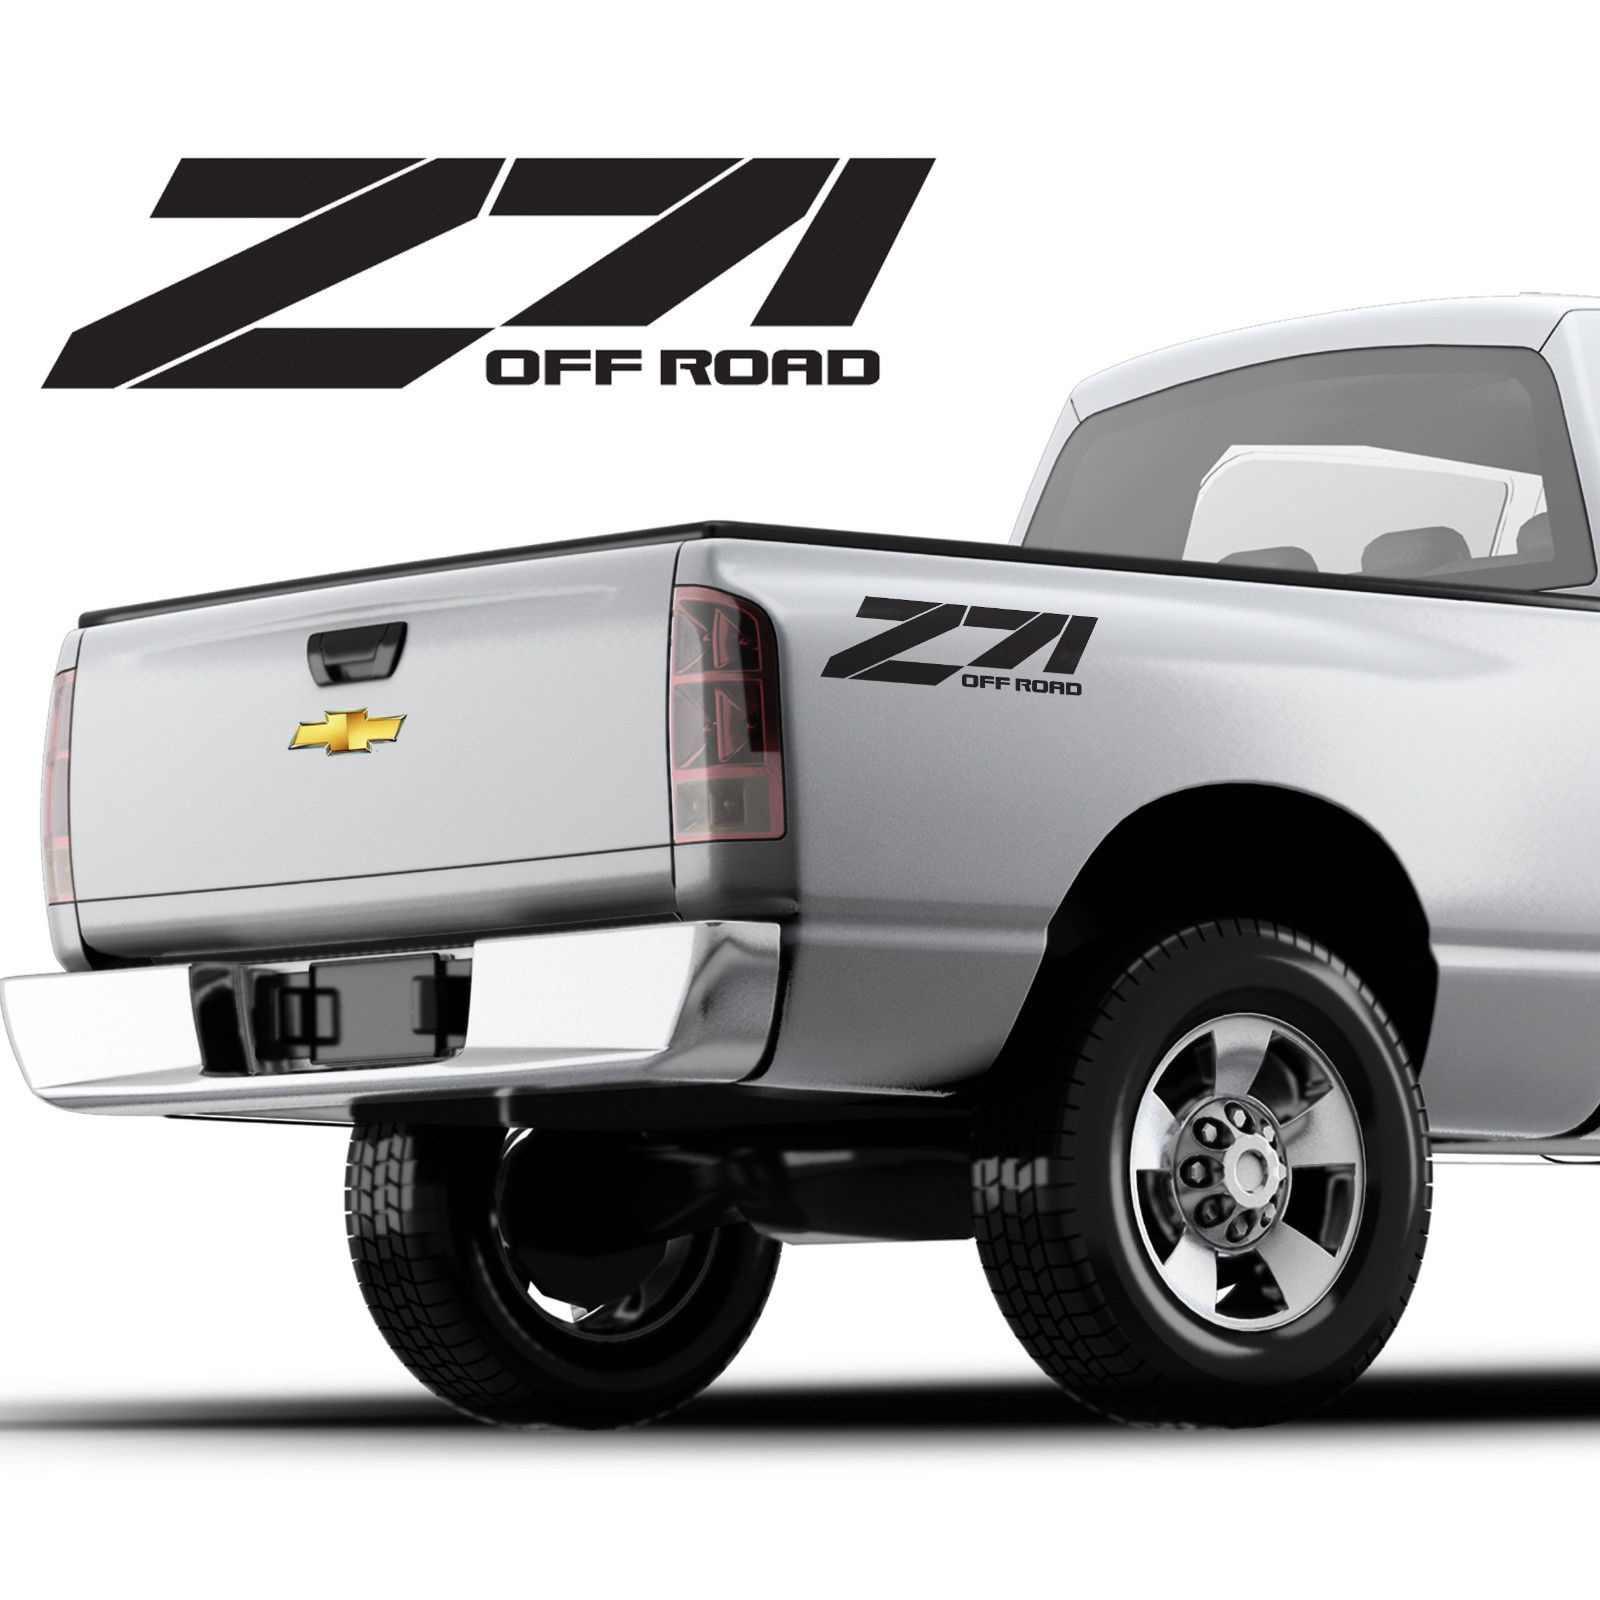 Для (2 шт.) z71 offroad виниловые наклейки стикер chevy, chevrolet silverado, индивидуальный дизайн